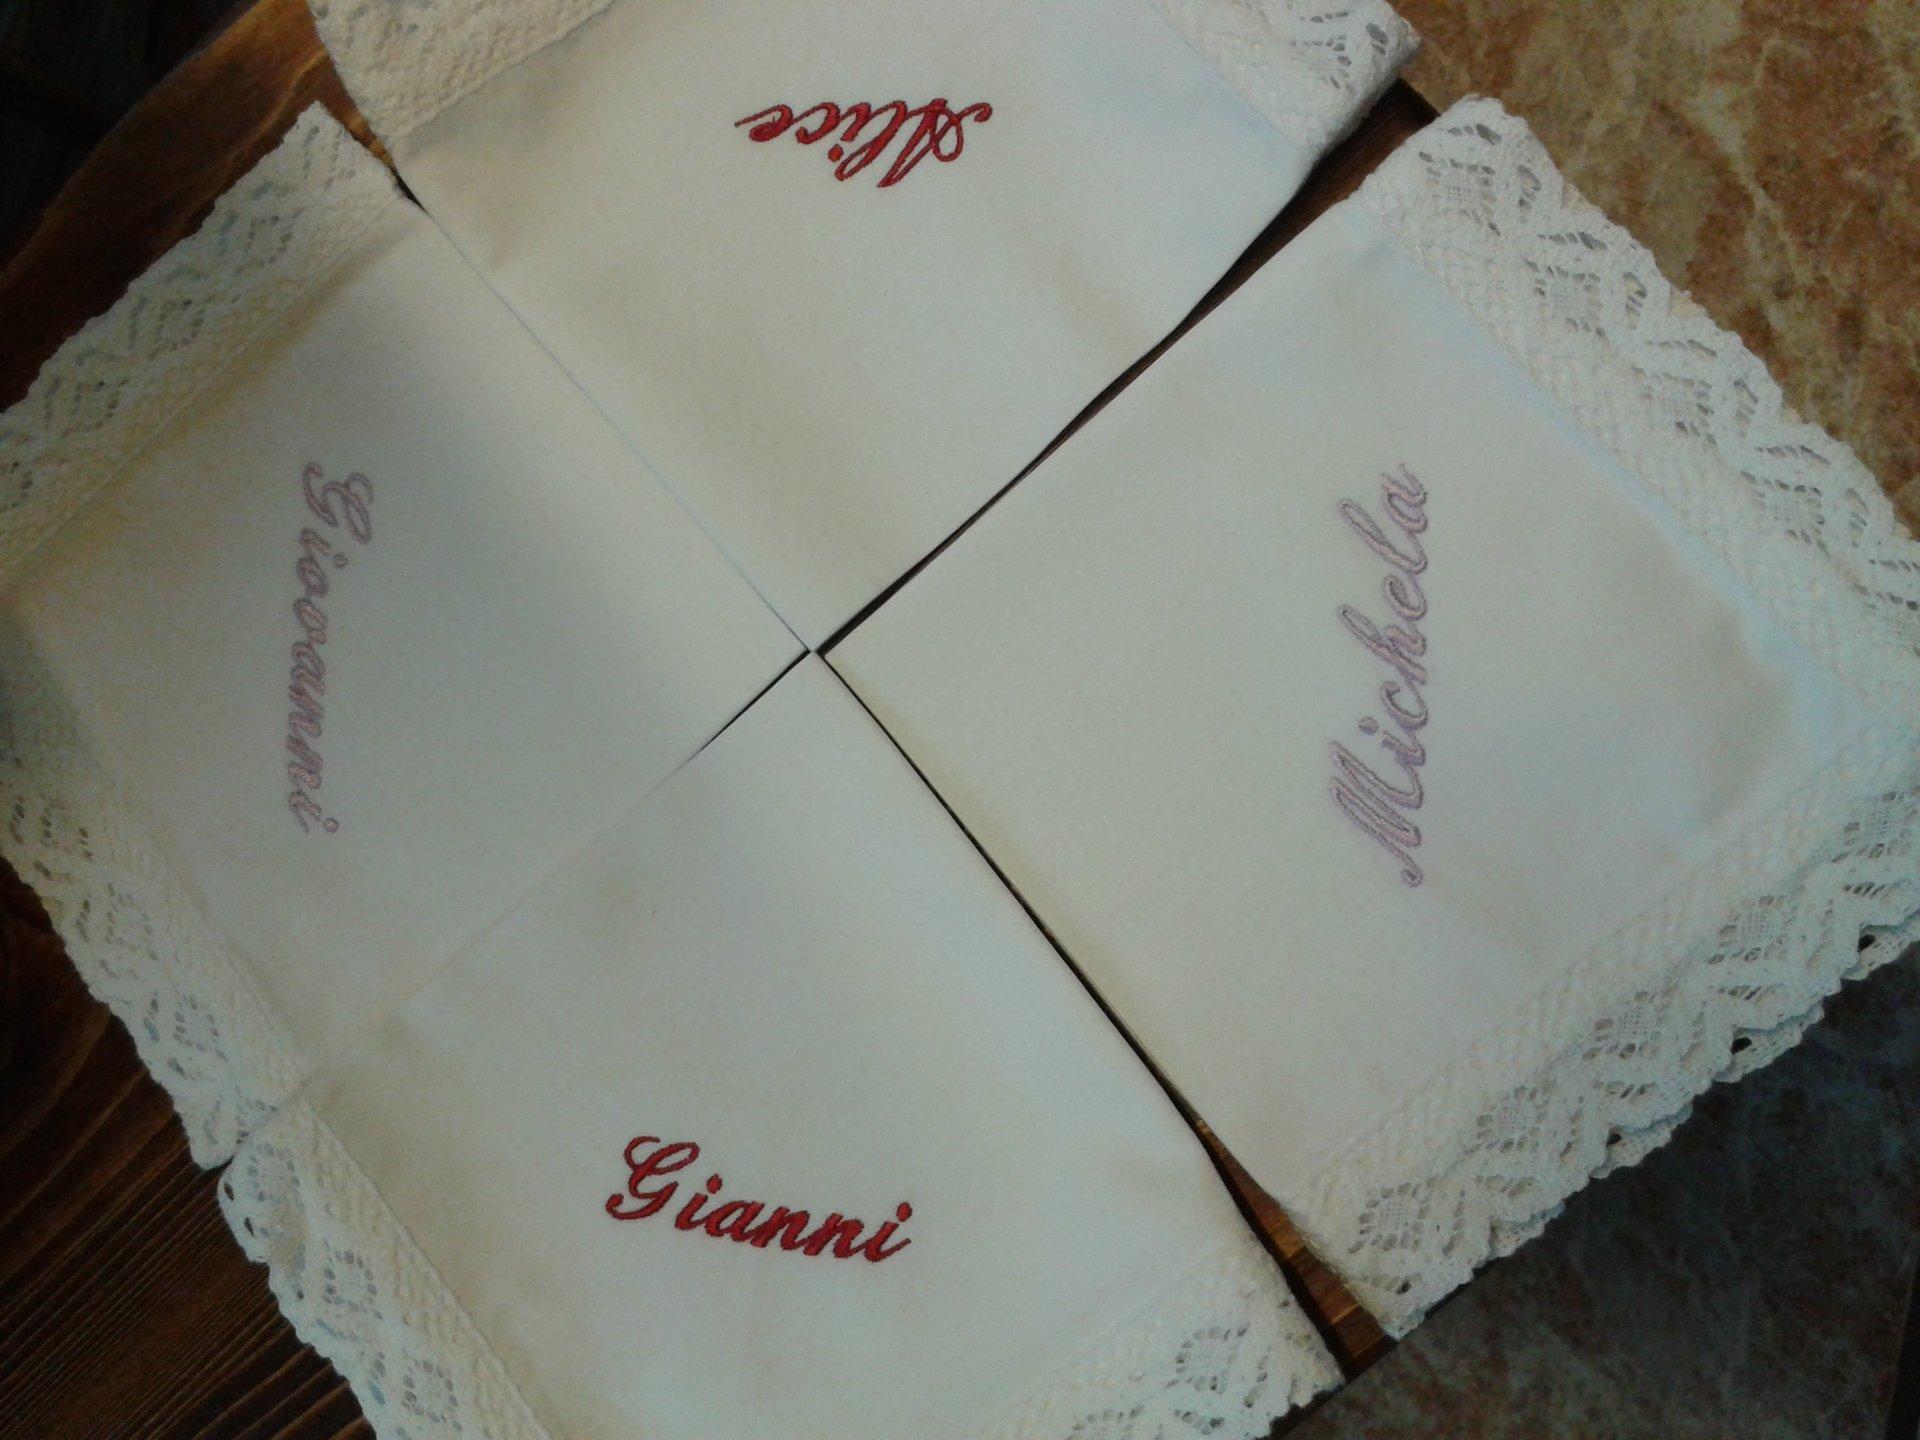 fazzoletti bianchi ricamati in pizzo con nomi